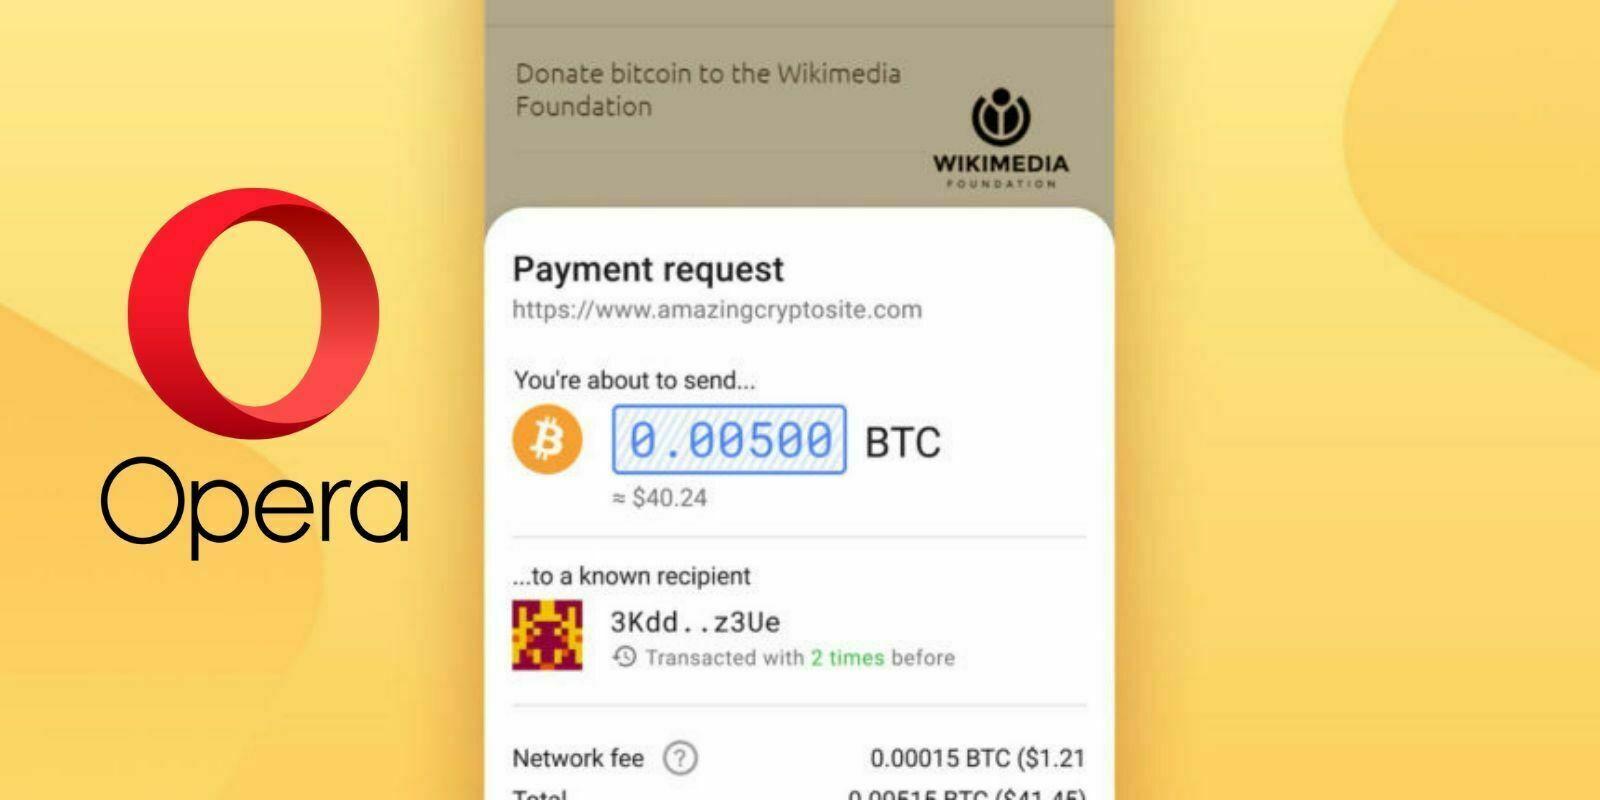 Opera ajoute le support du Bitcoin et du Tron sur Android